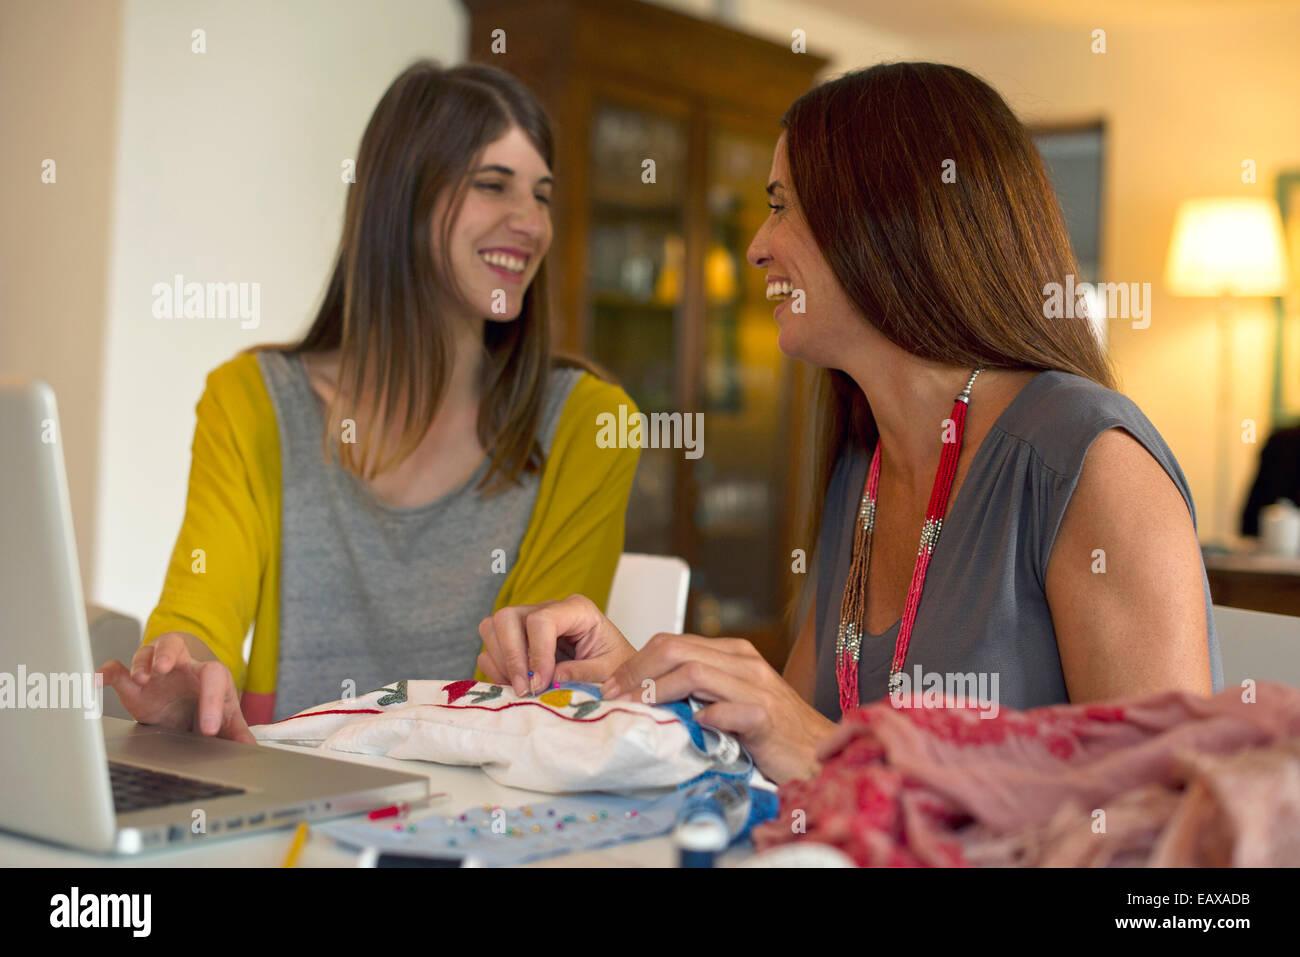 Amici facendo ricamo insieme Immagini Stock